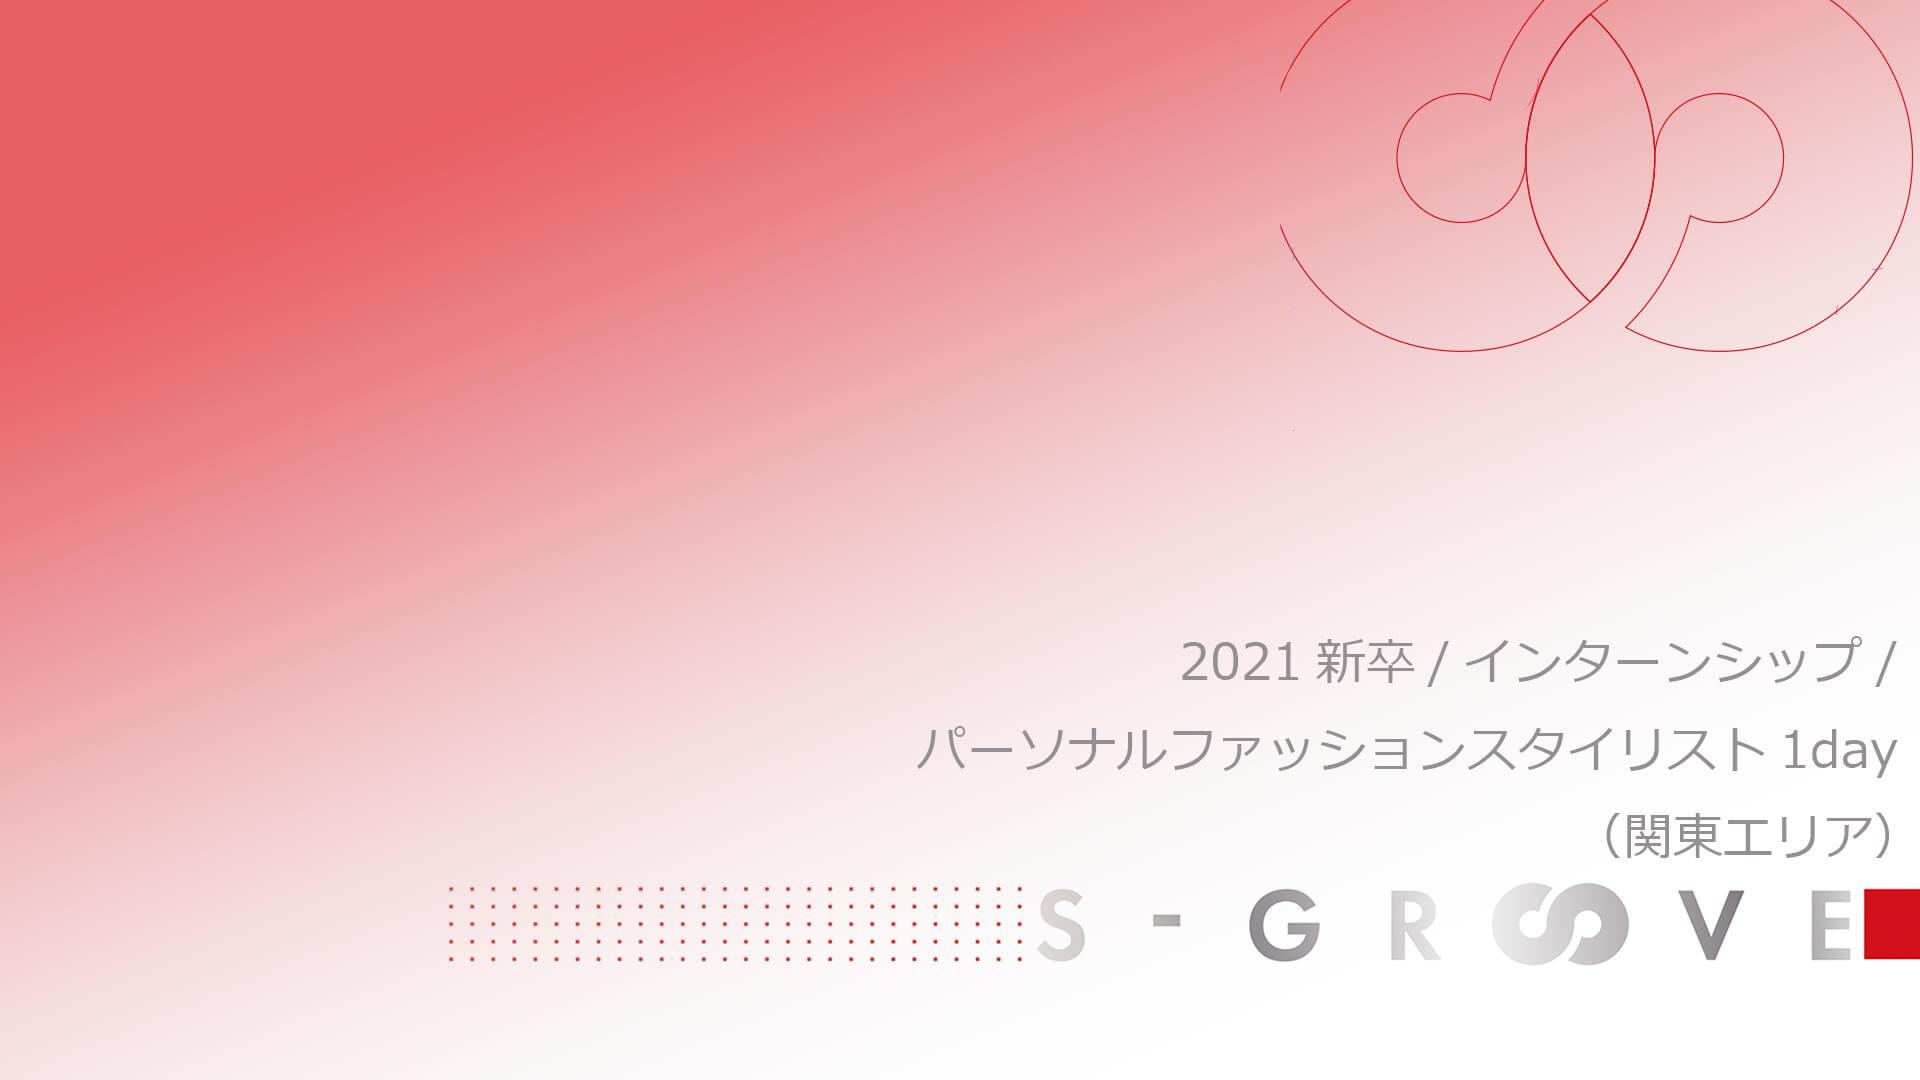 2021新卒/インターンシップ/パーソナルファッションスタイリスト/1day/のカバー写真